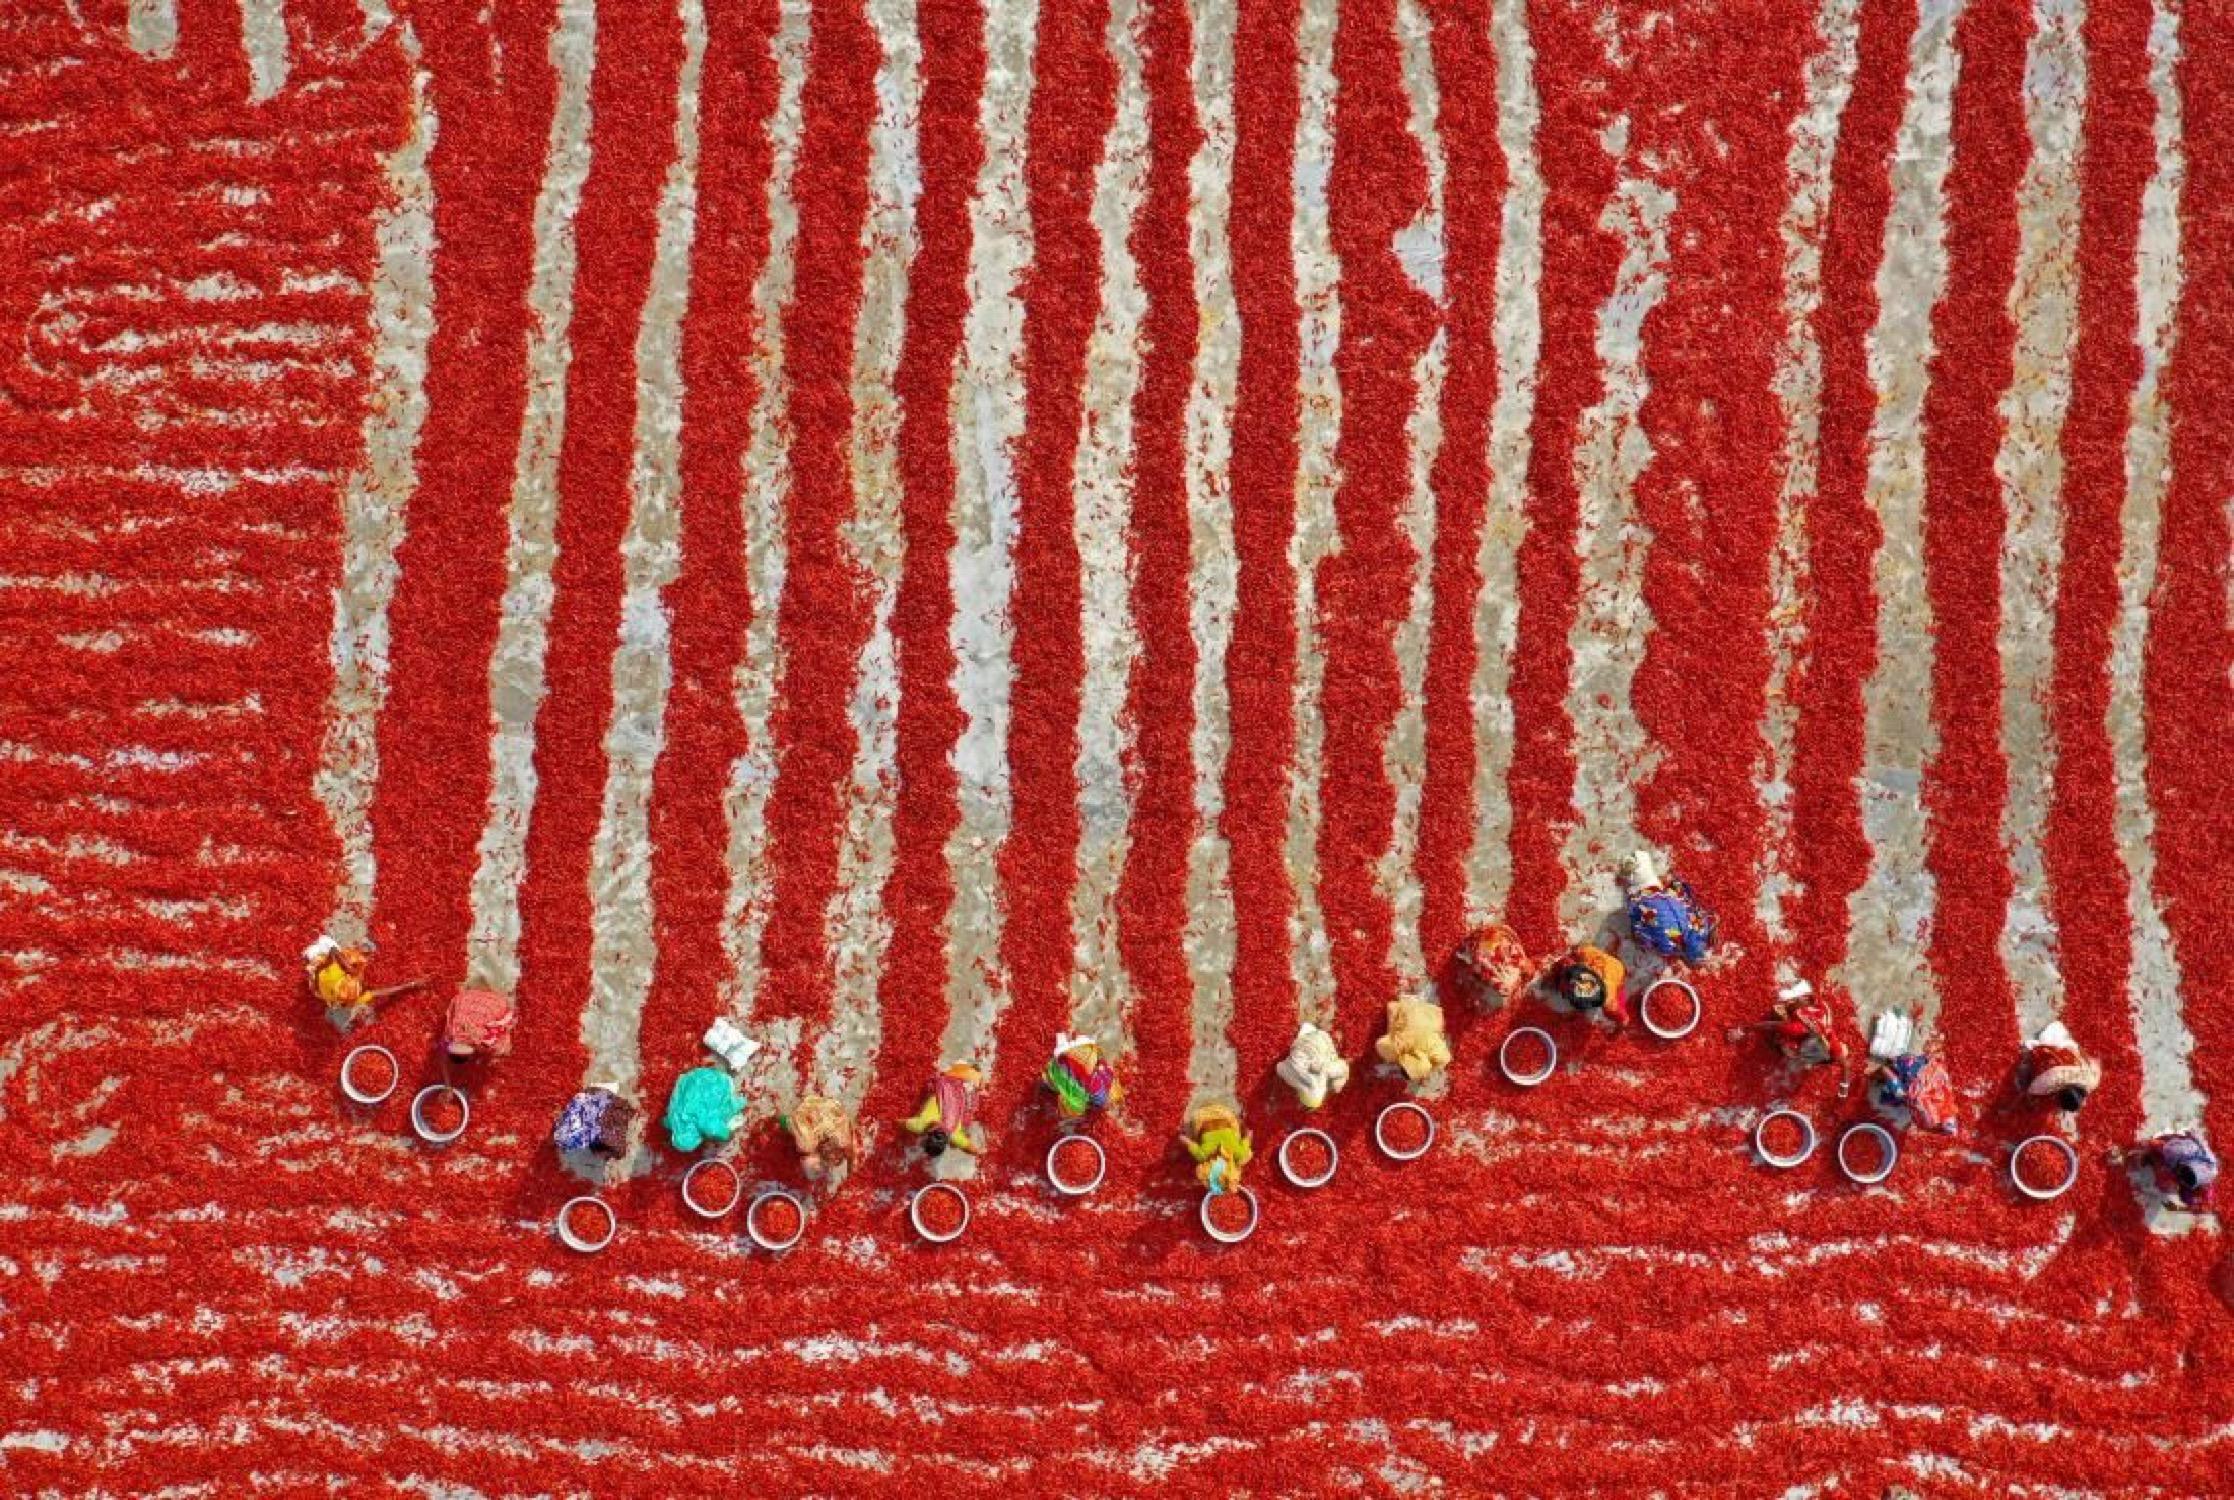 SÉCHAGE DES PIMENTS ROUGES - Photo de Pixopolitan 60x40 cm